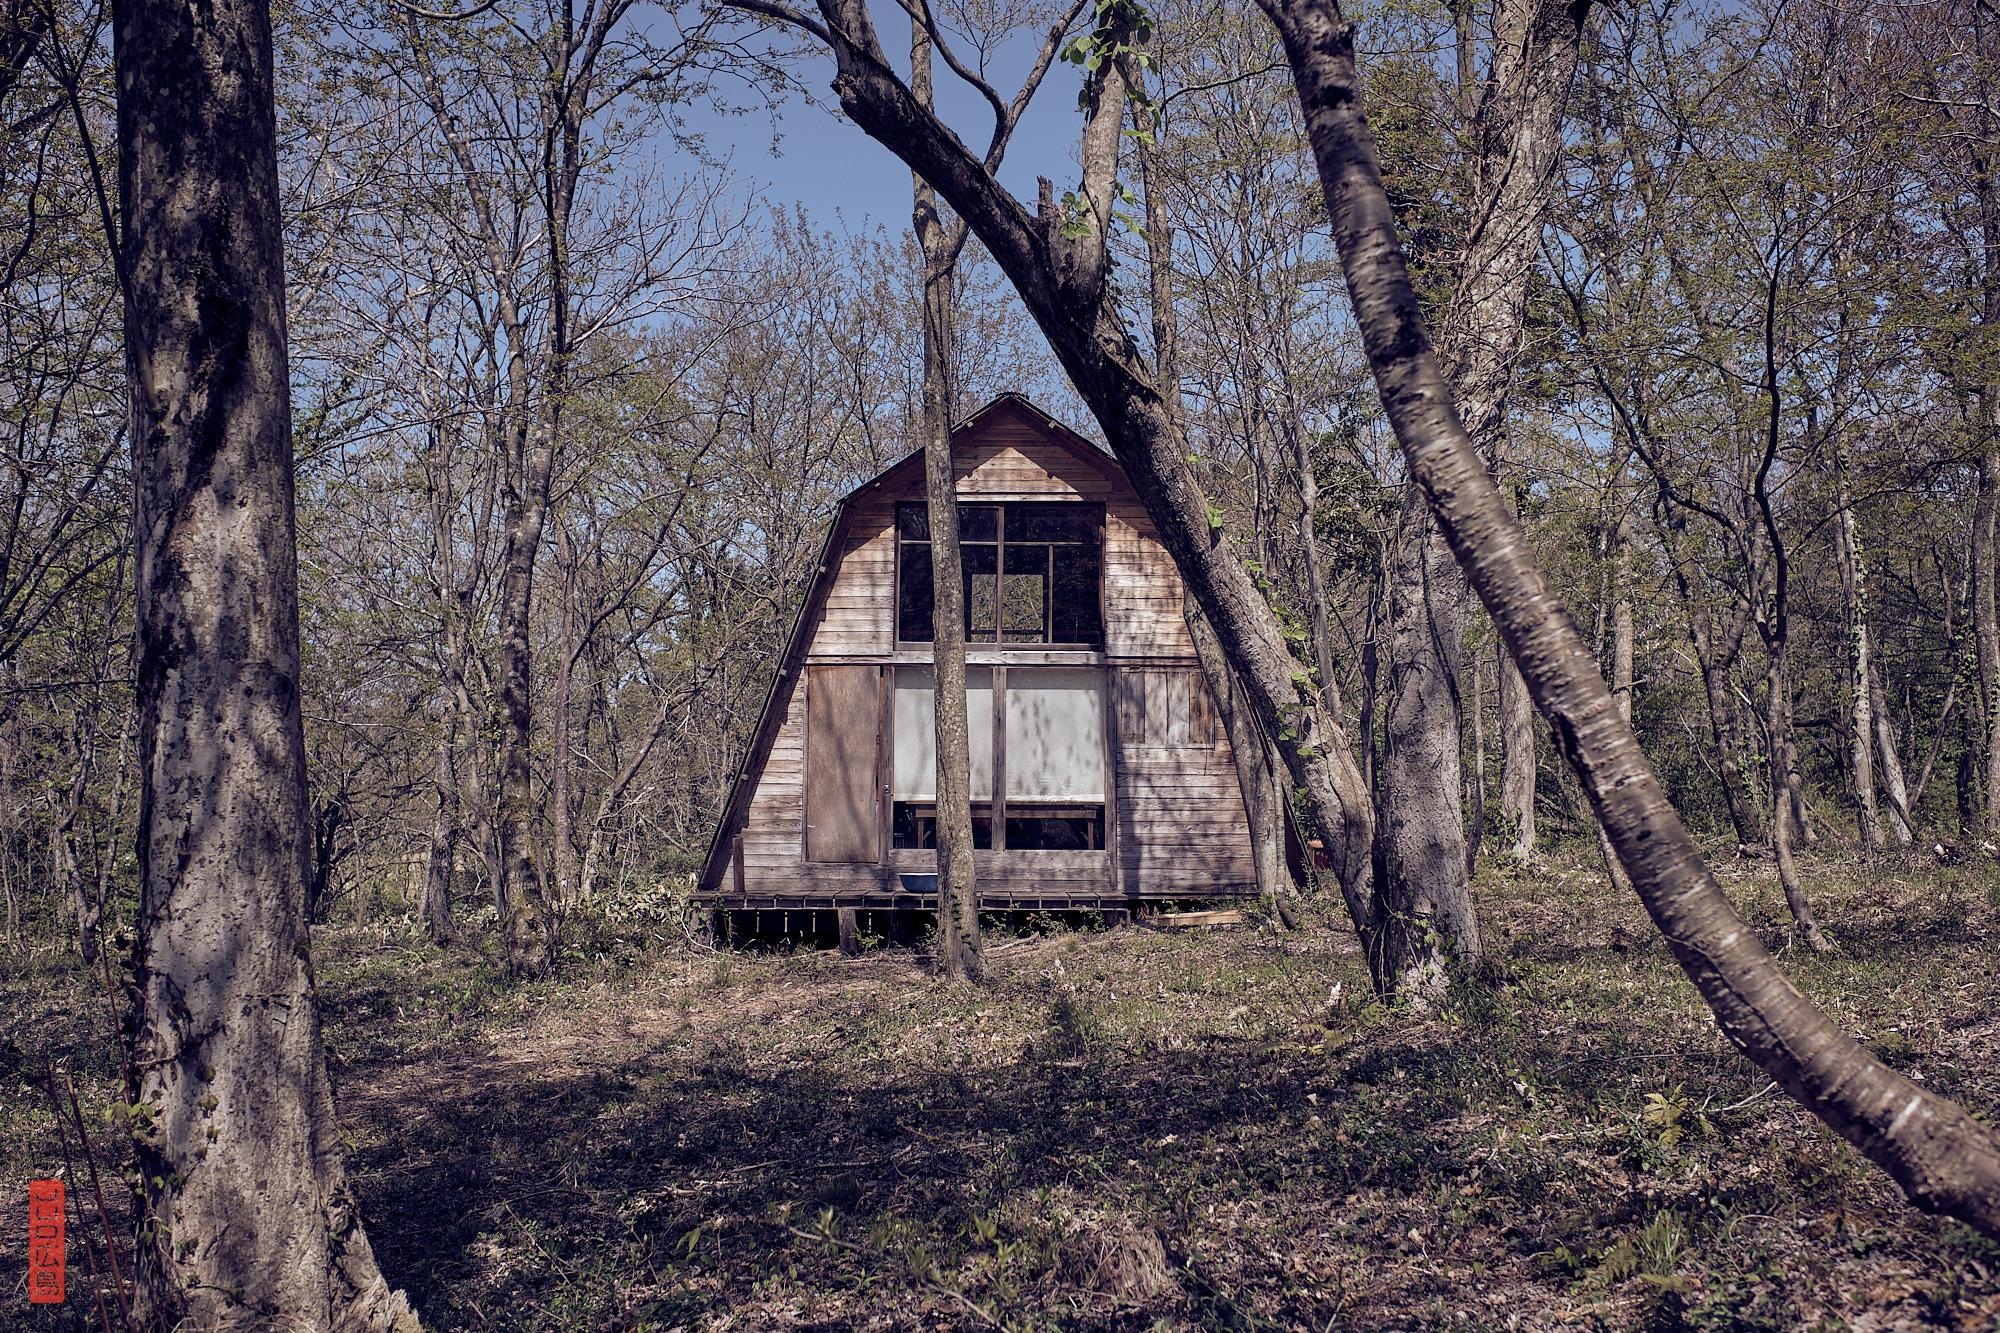 des cabanes dans la forêt, Japon